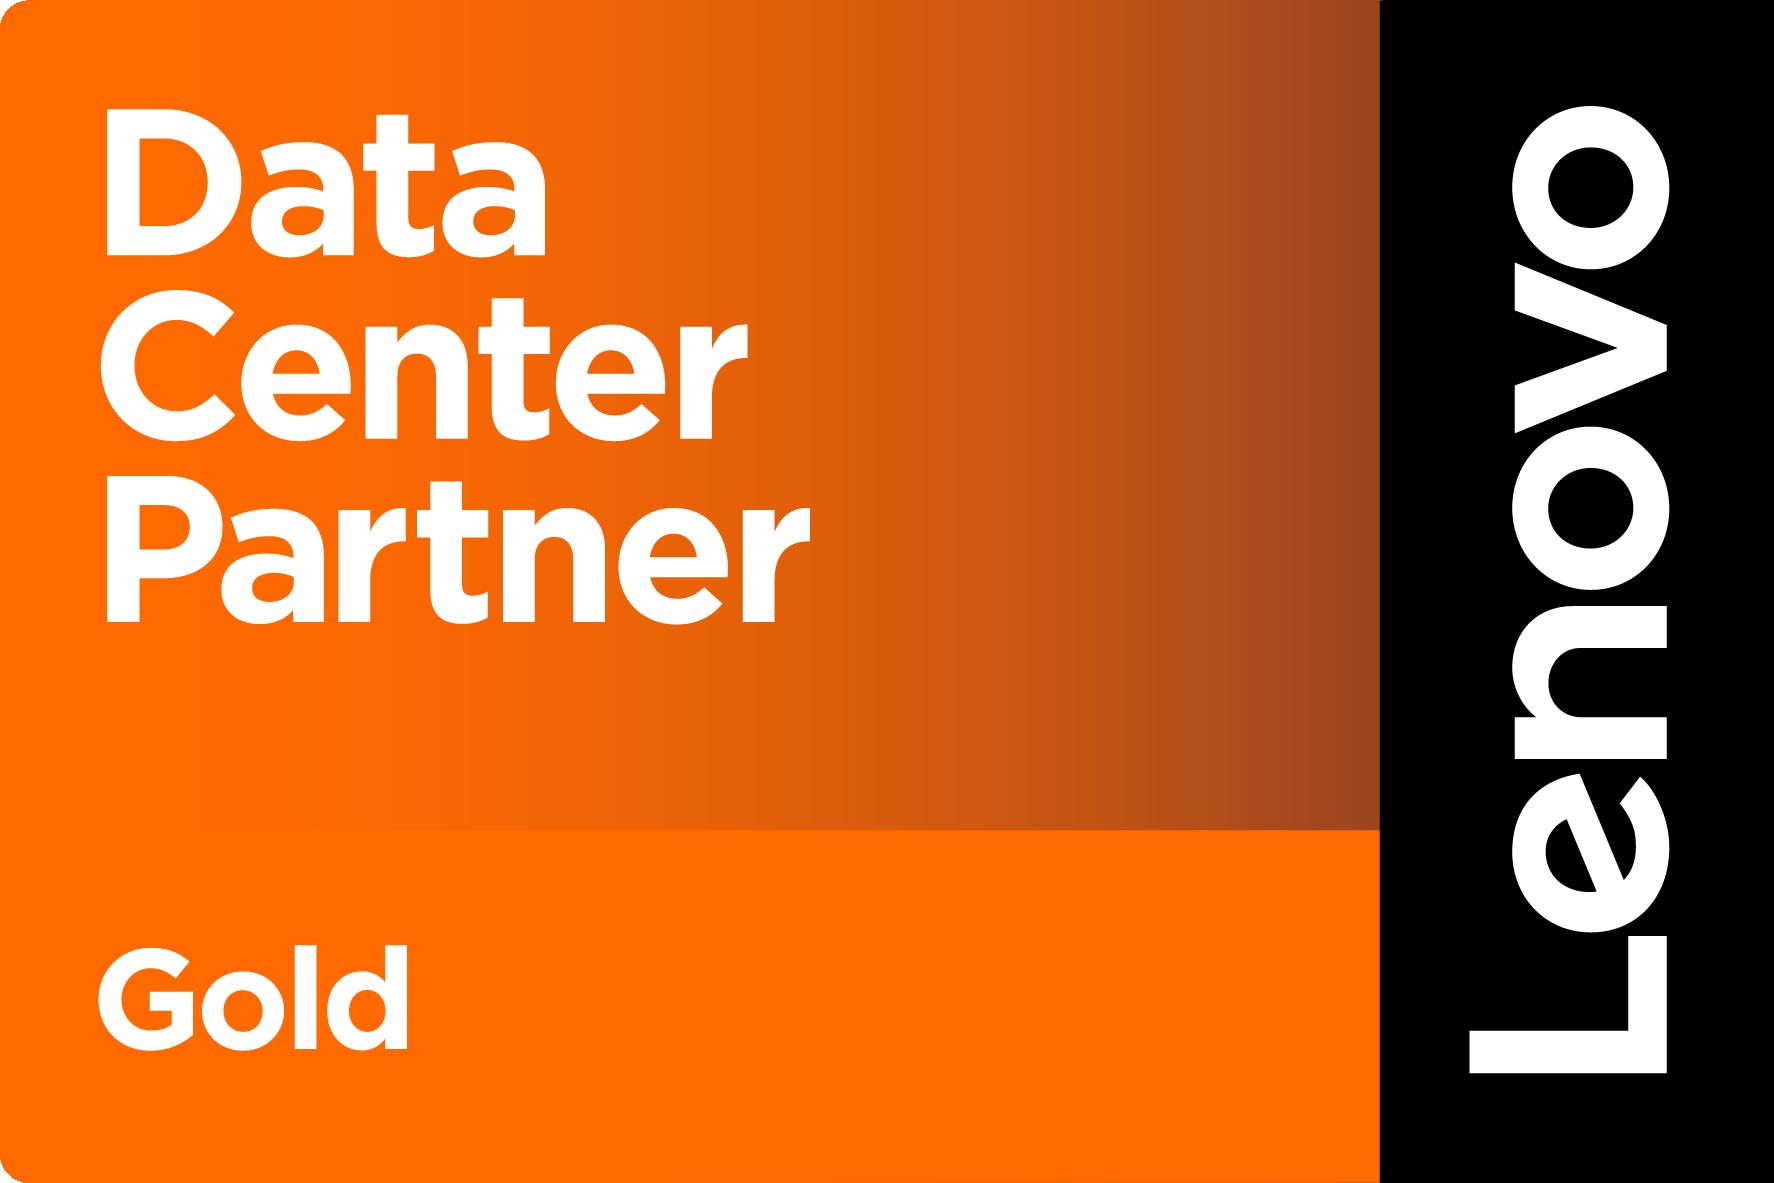 Lenovo Gold Data Center Partner